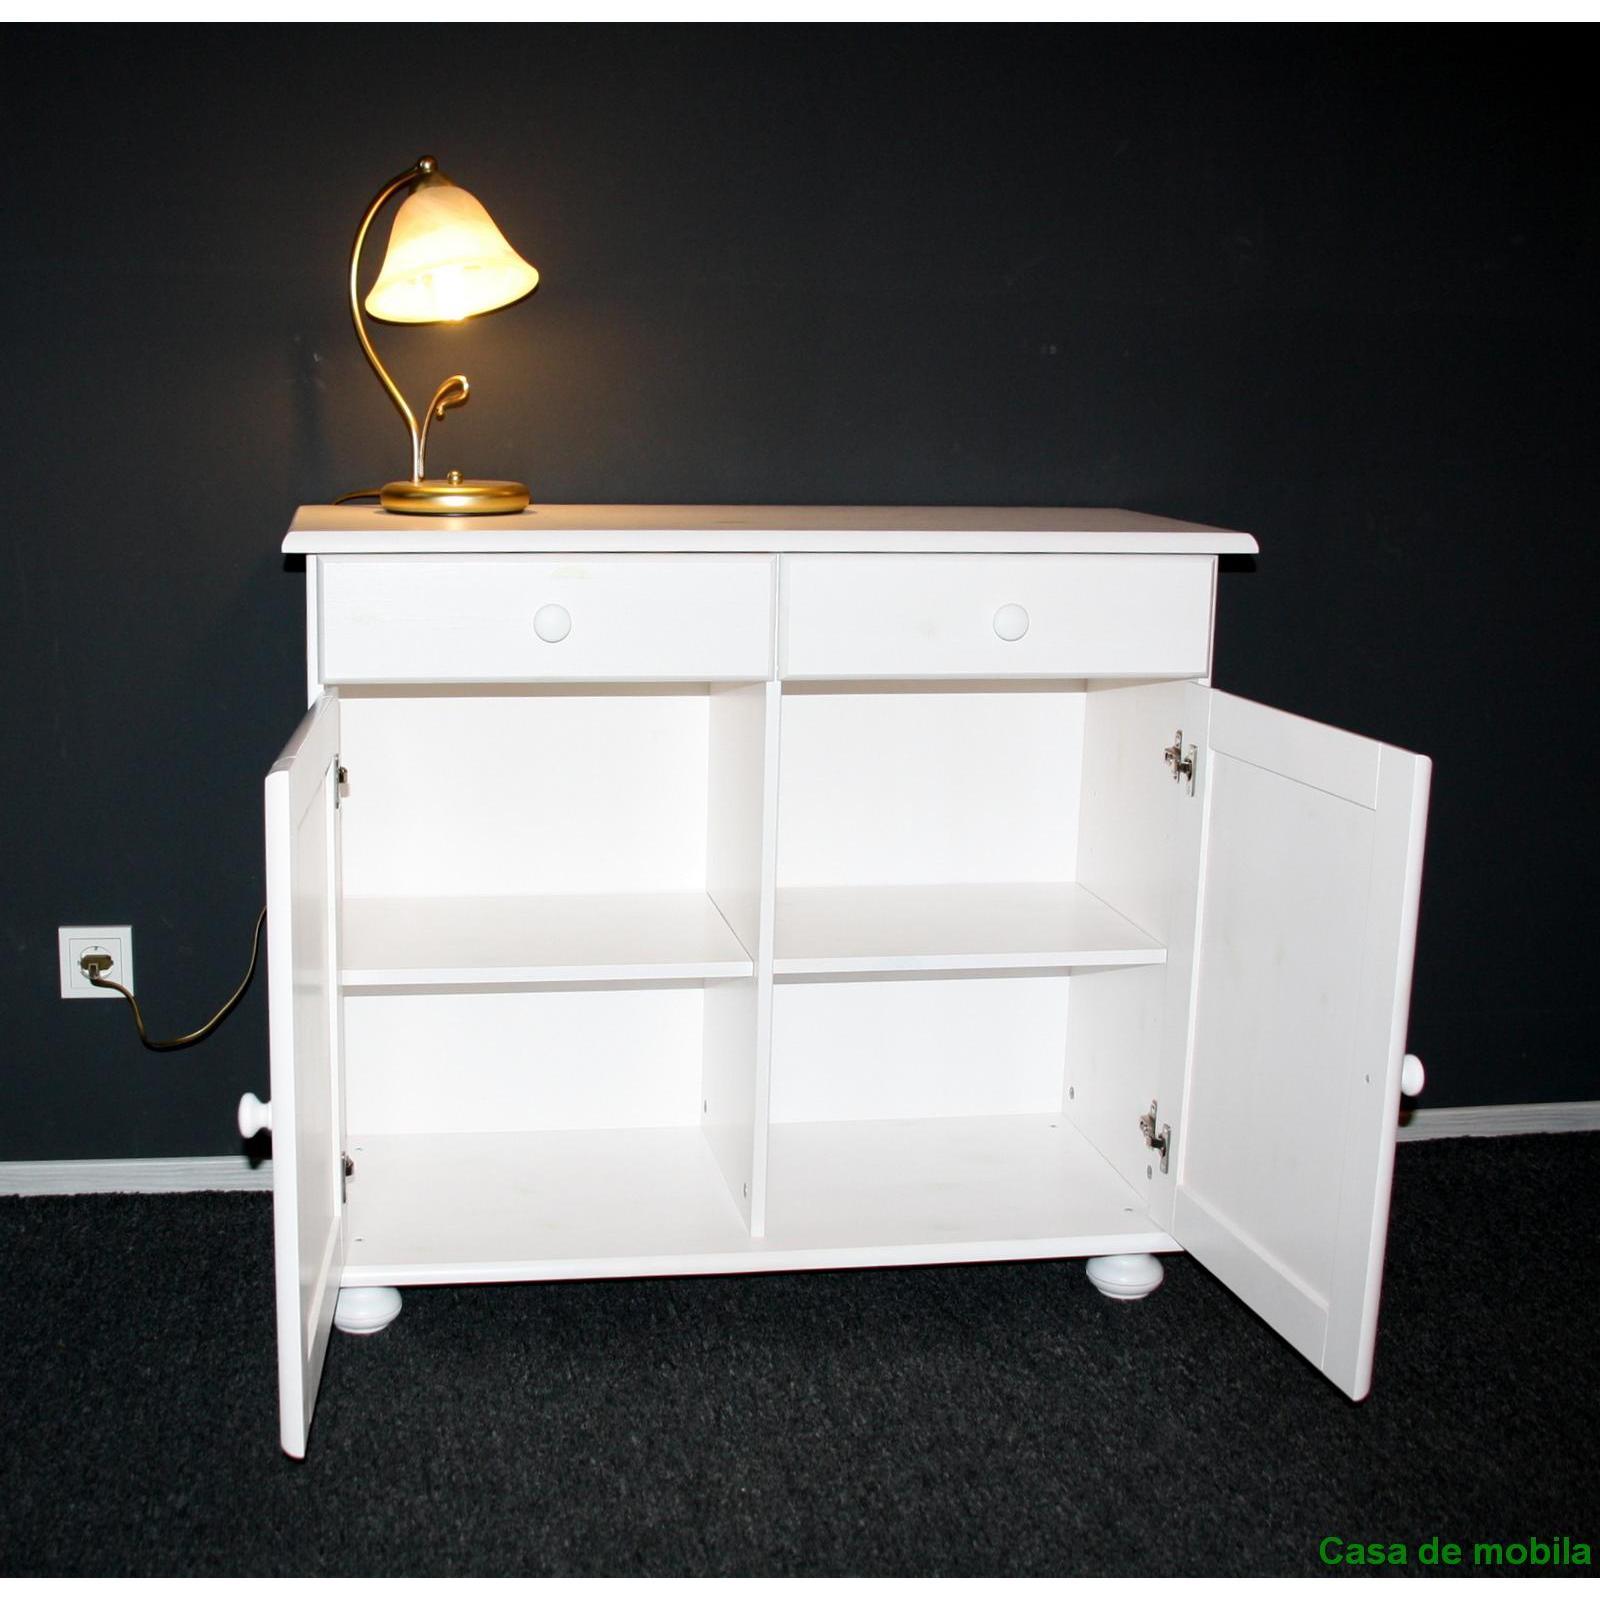 kommode weis landhaus schmal innenr ume und m bel ideen. Black Bedroom Furniture Sets. Home Design Ideas